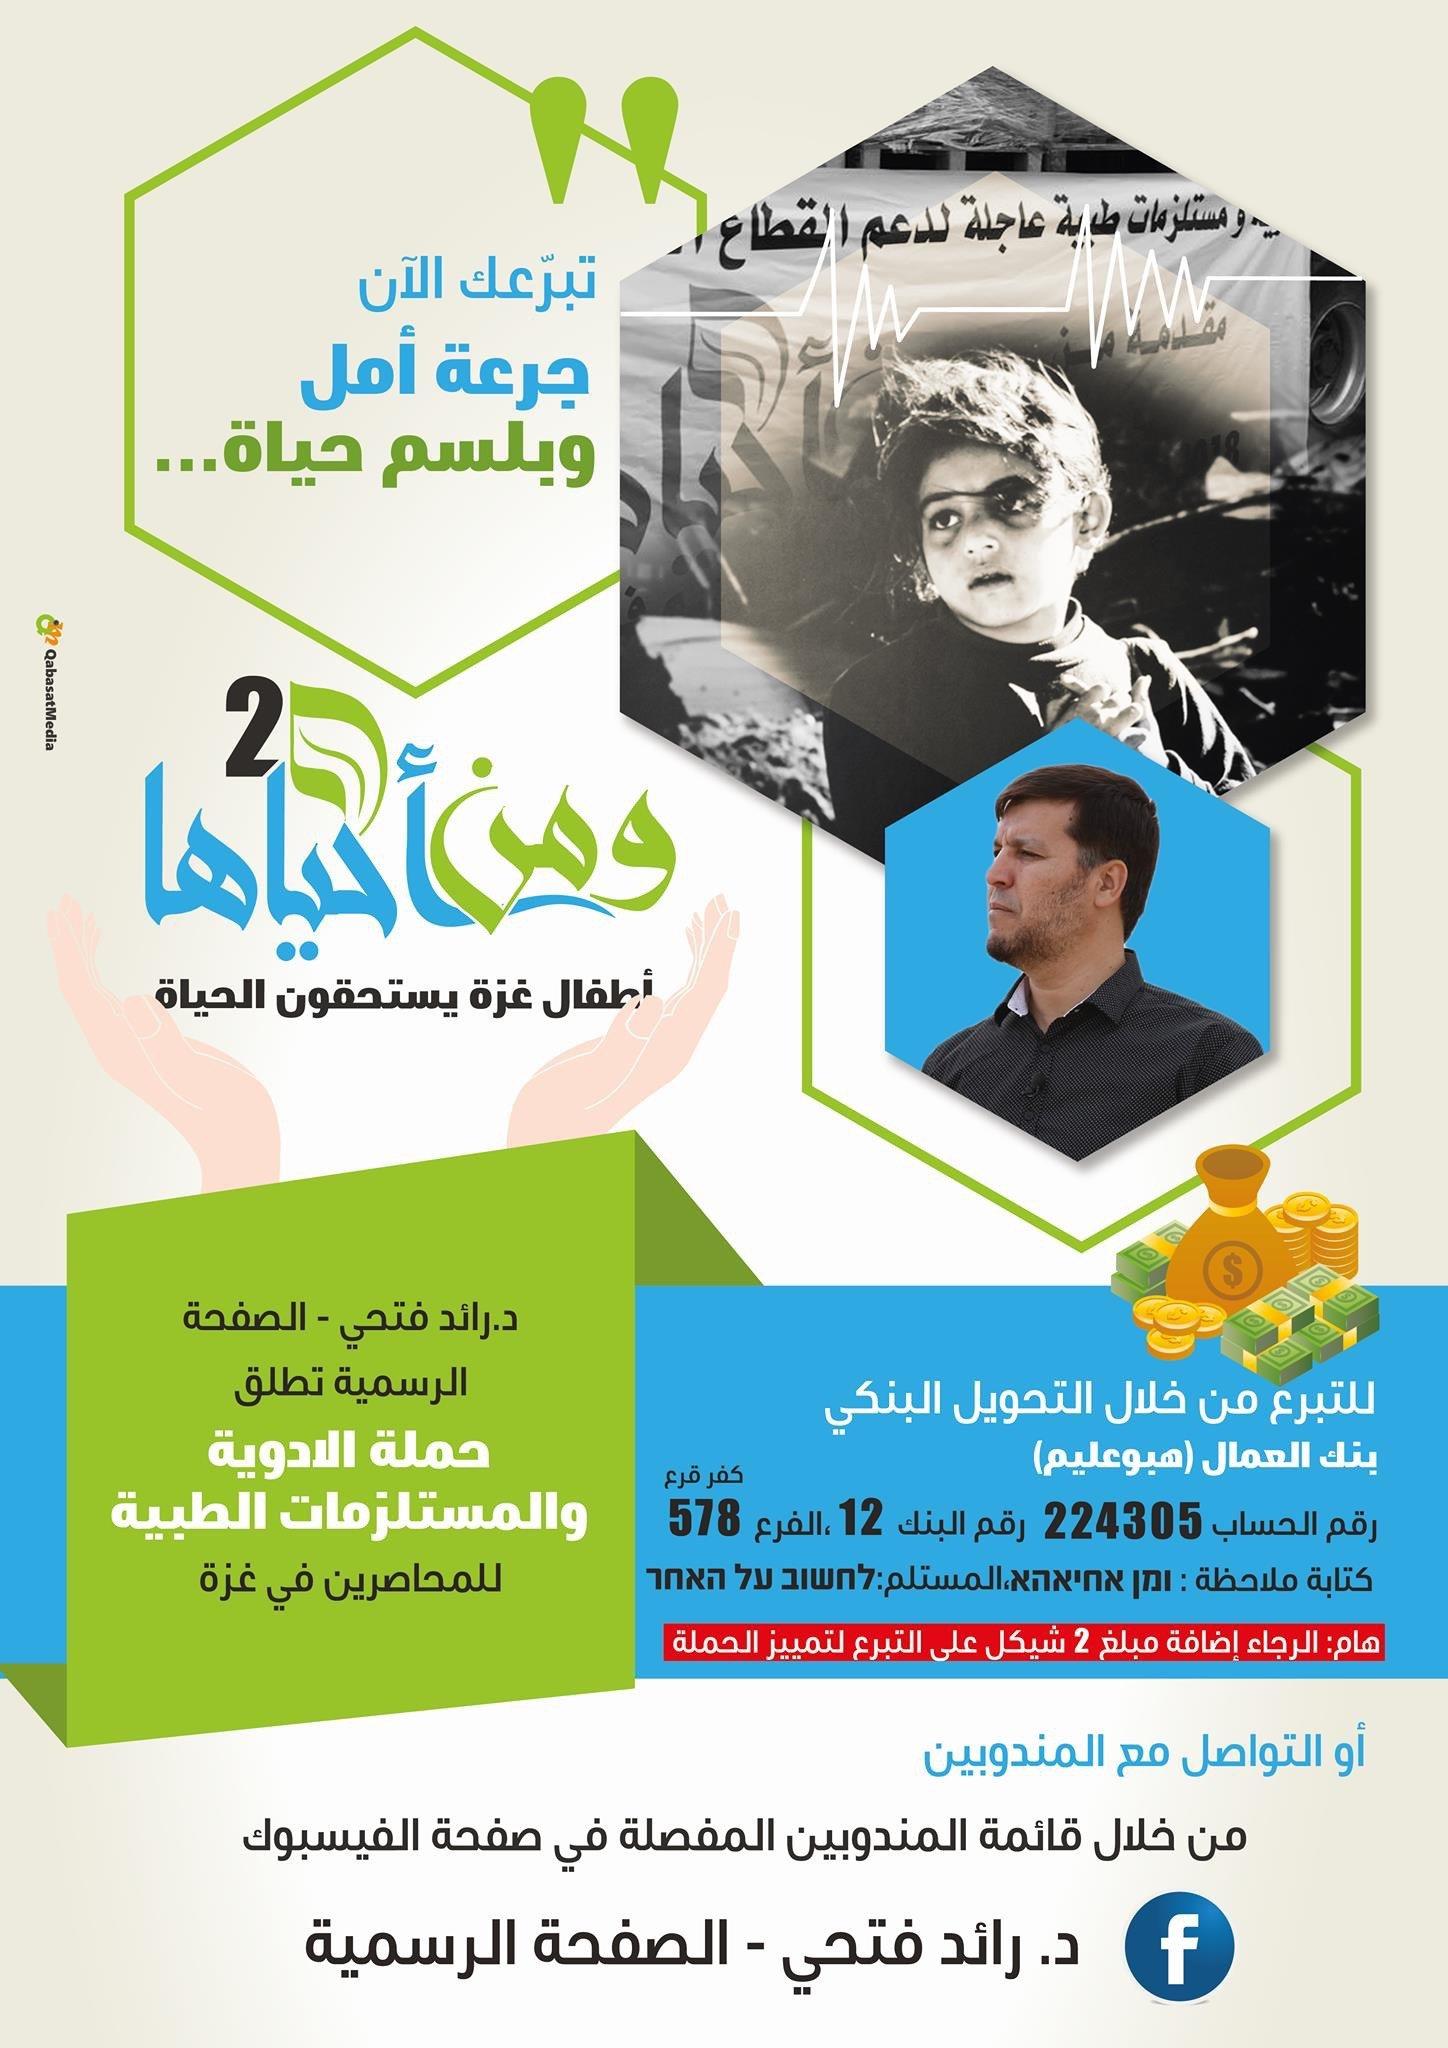 الشيخ د. رائد فتحي يطلق  ومن أحياها 2 لإغاثة غزّة وأهلها